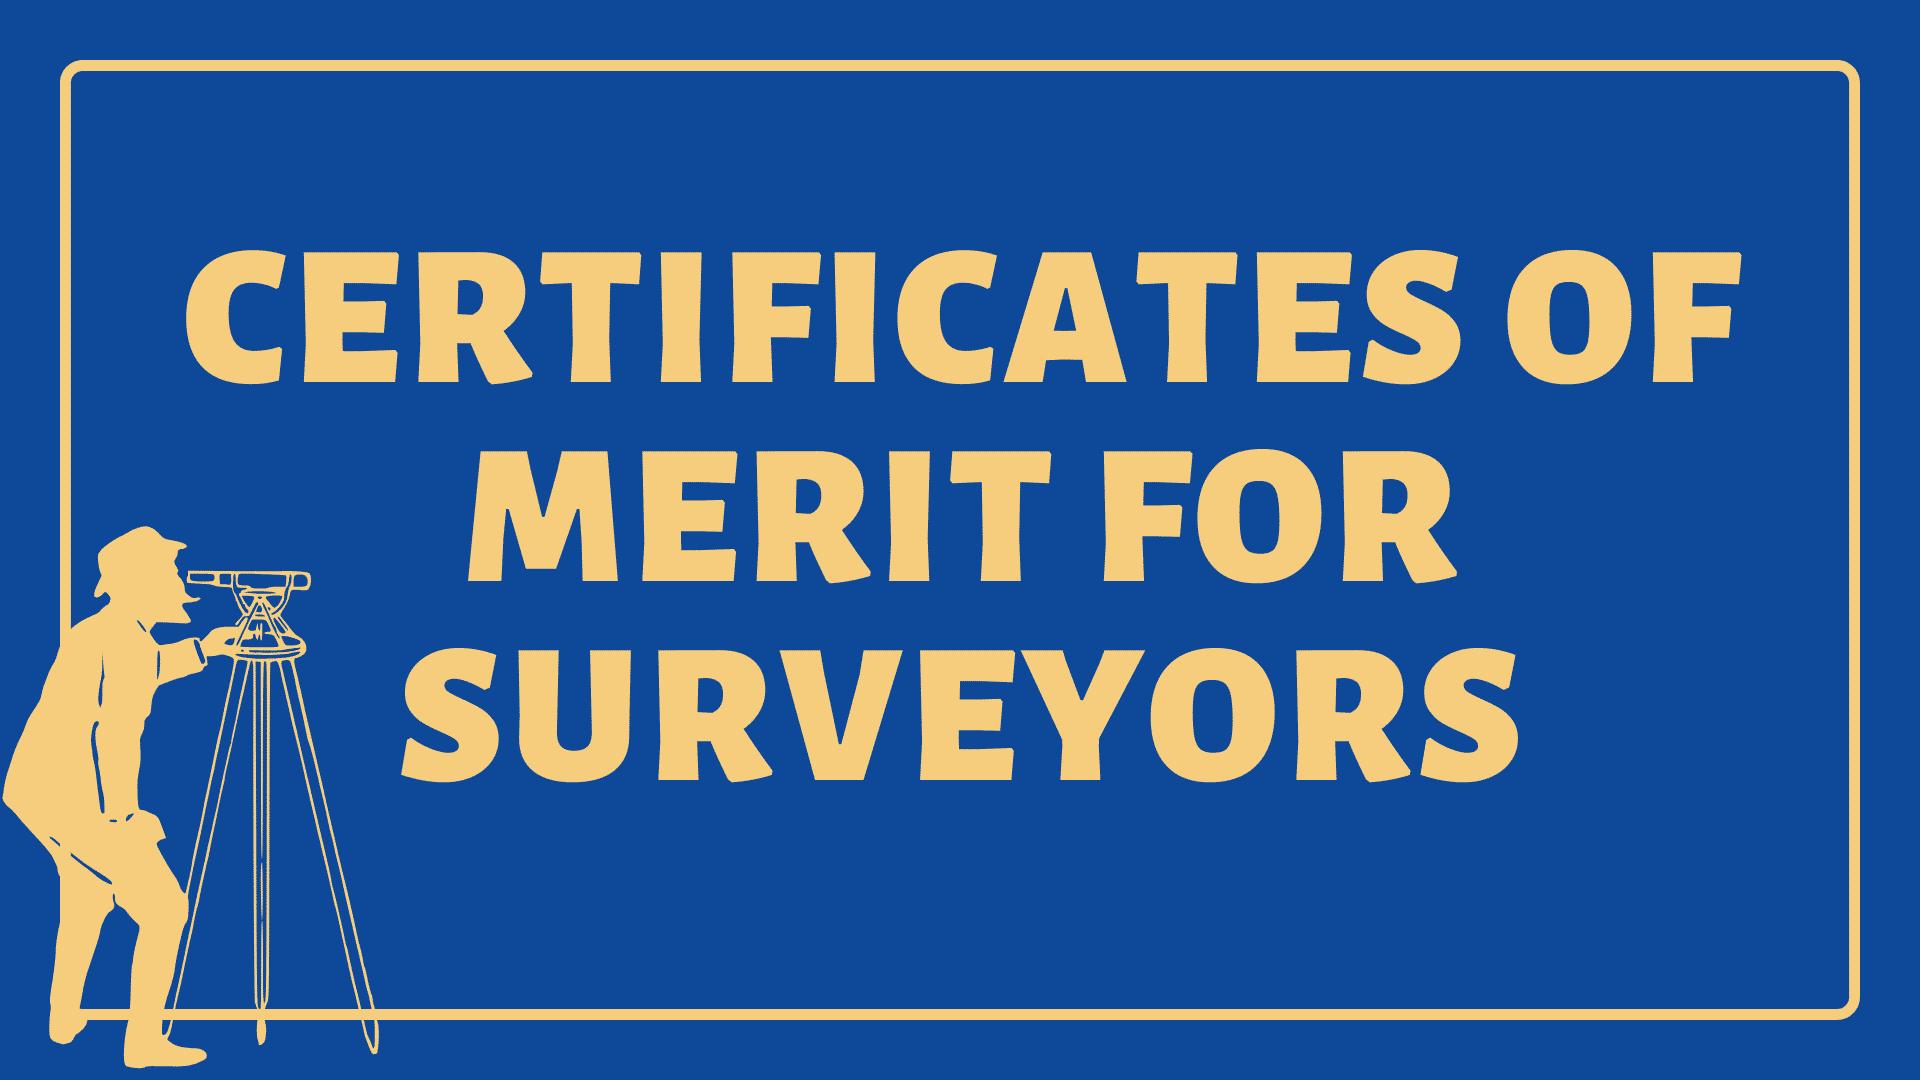 Certificates of Merit